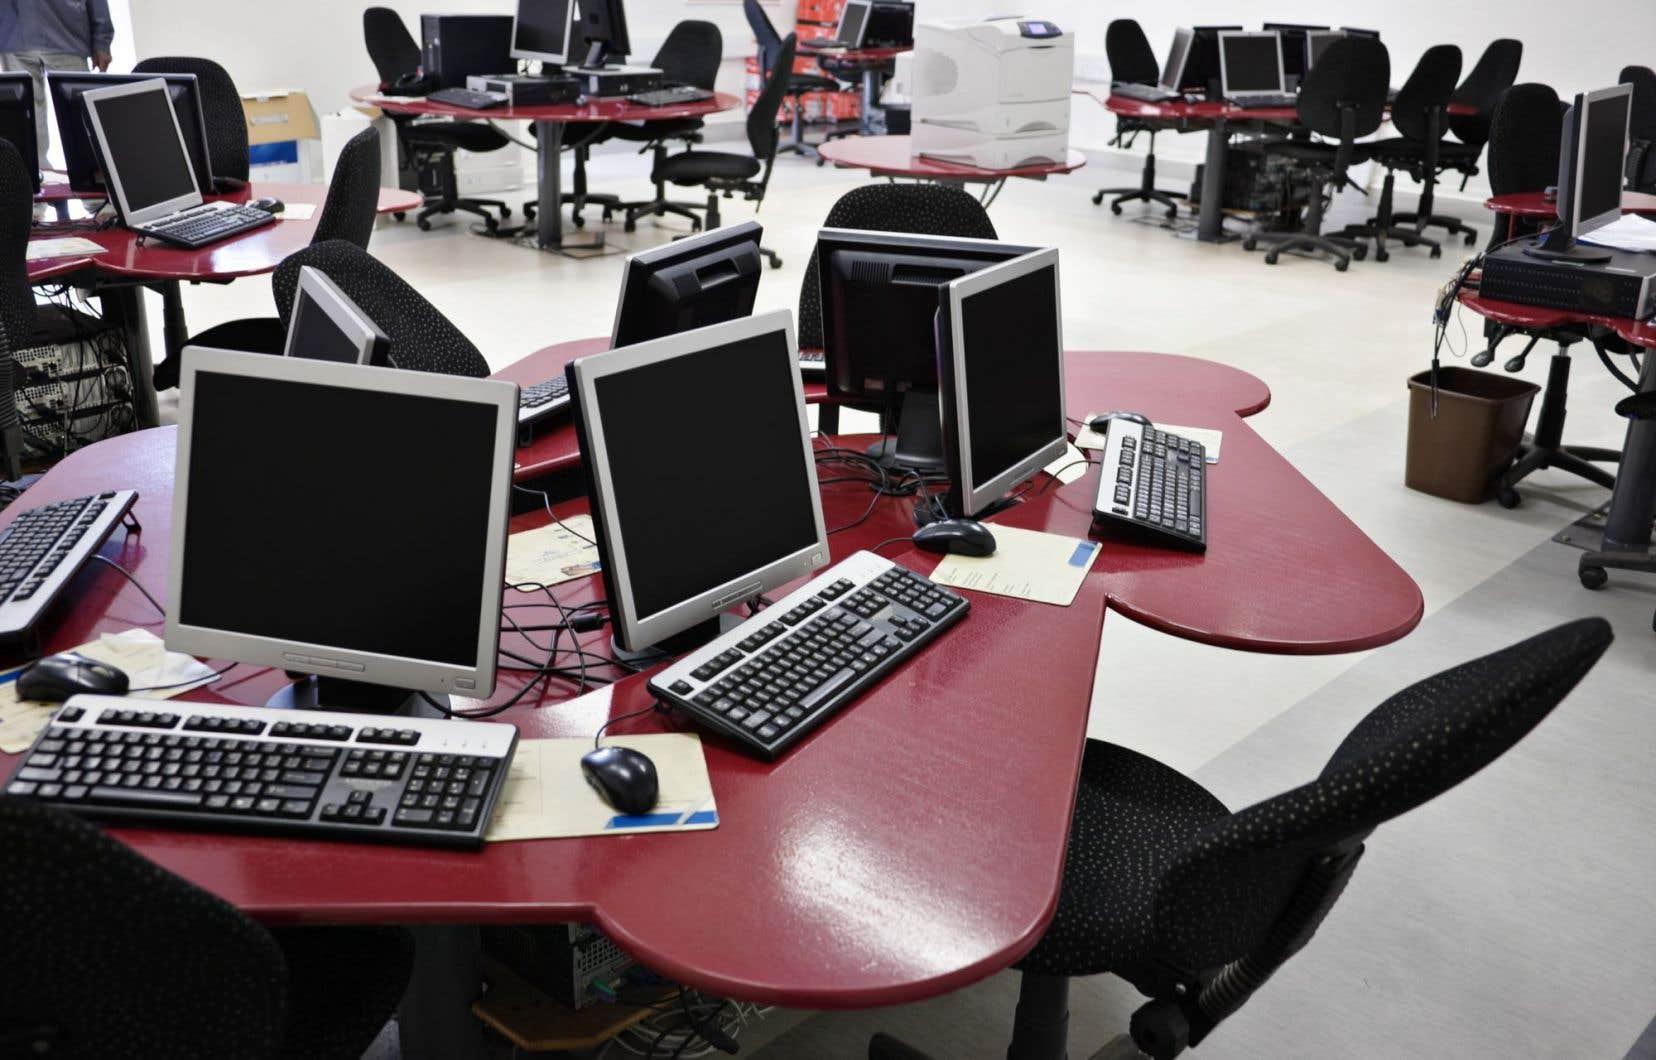 Le directeur des technologies informatiques au ministère de la Sécurité publique aurait été de mèche avec l'un des propriétaires de la firme EBR.